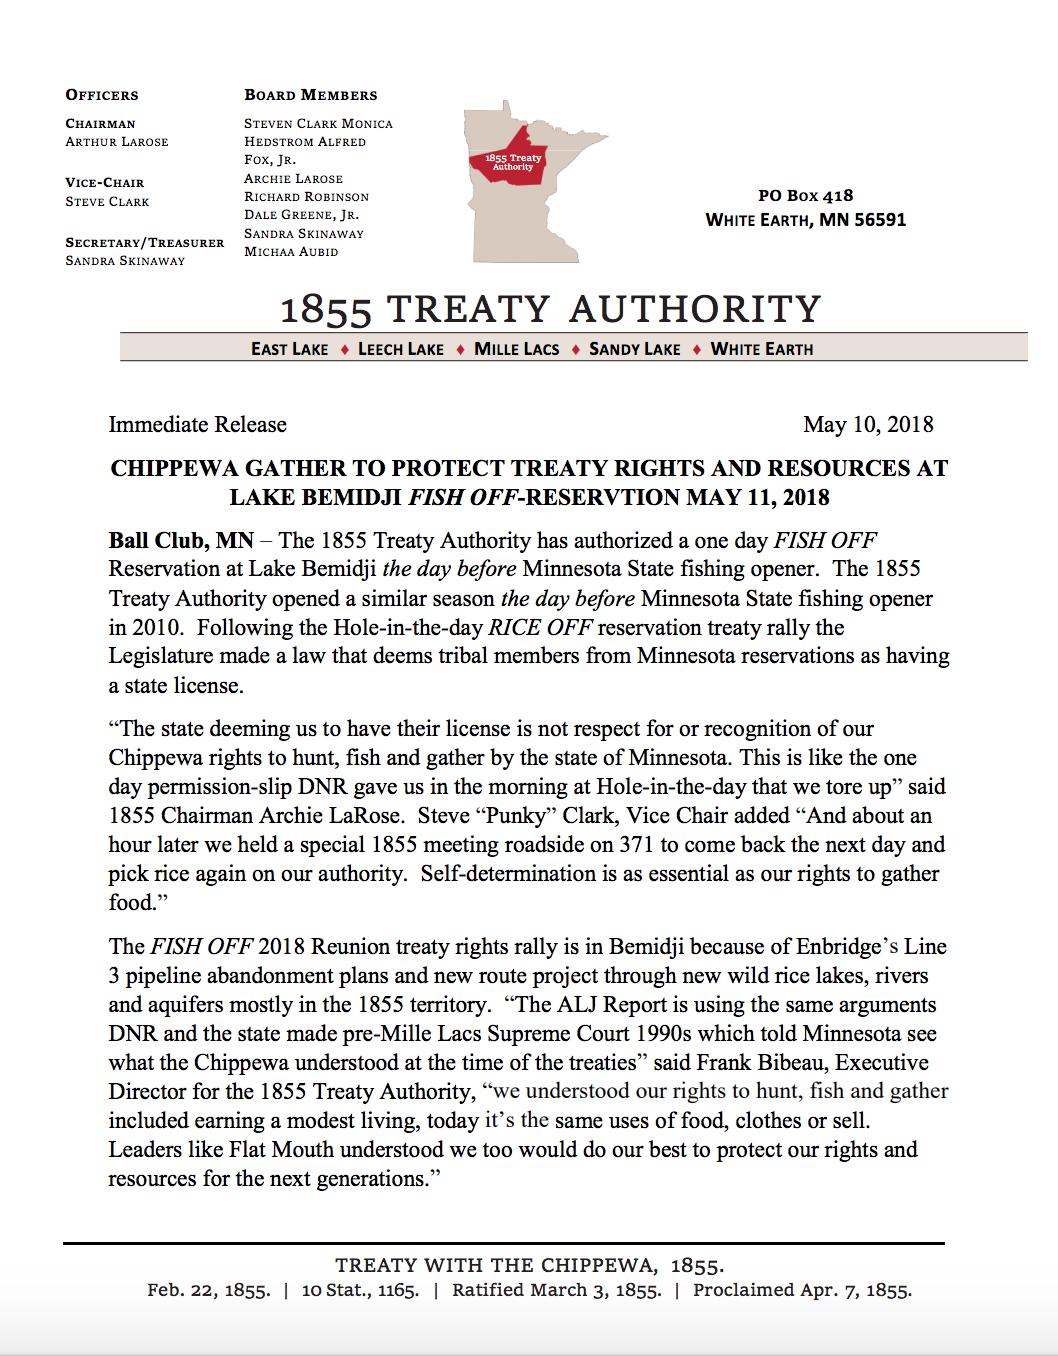 1855 press release screenshot copy.png